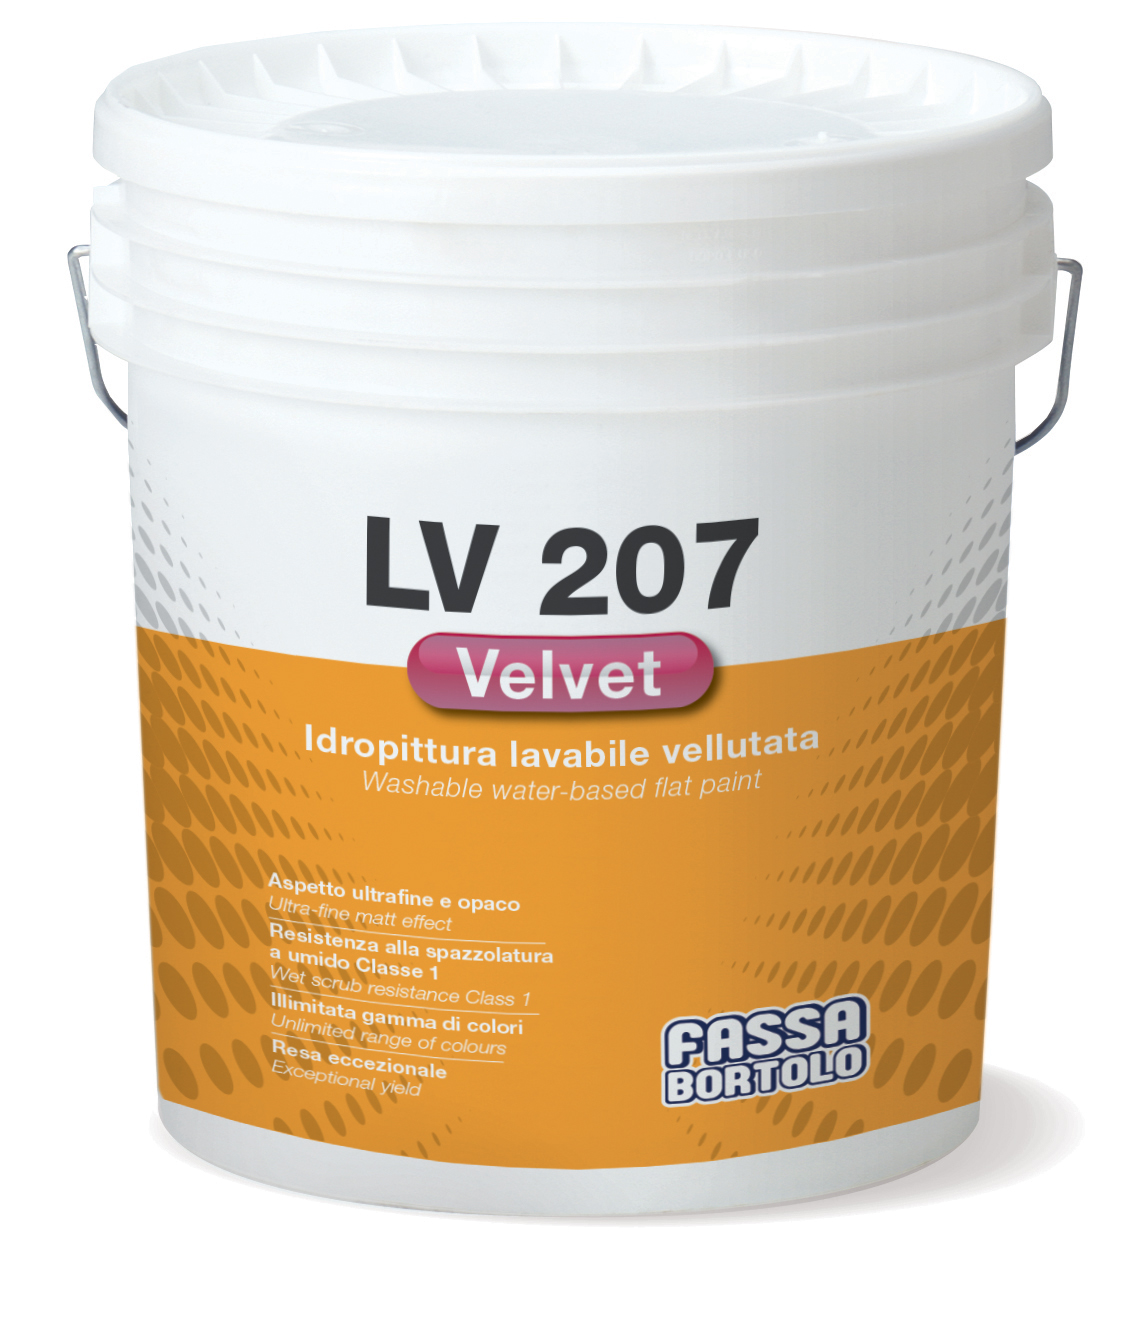 LV 207 VELVET: Idropittura superlavabile vellutata